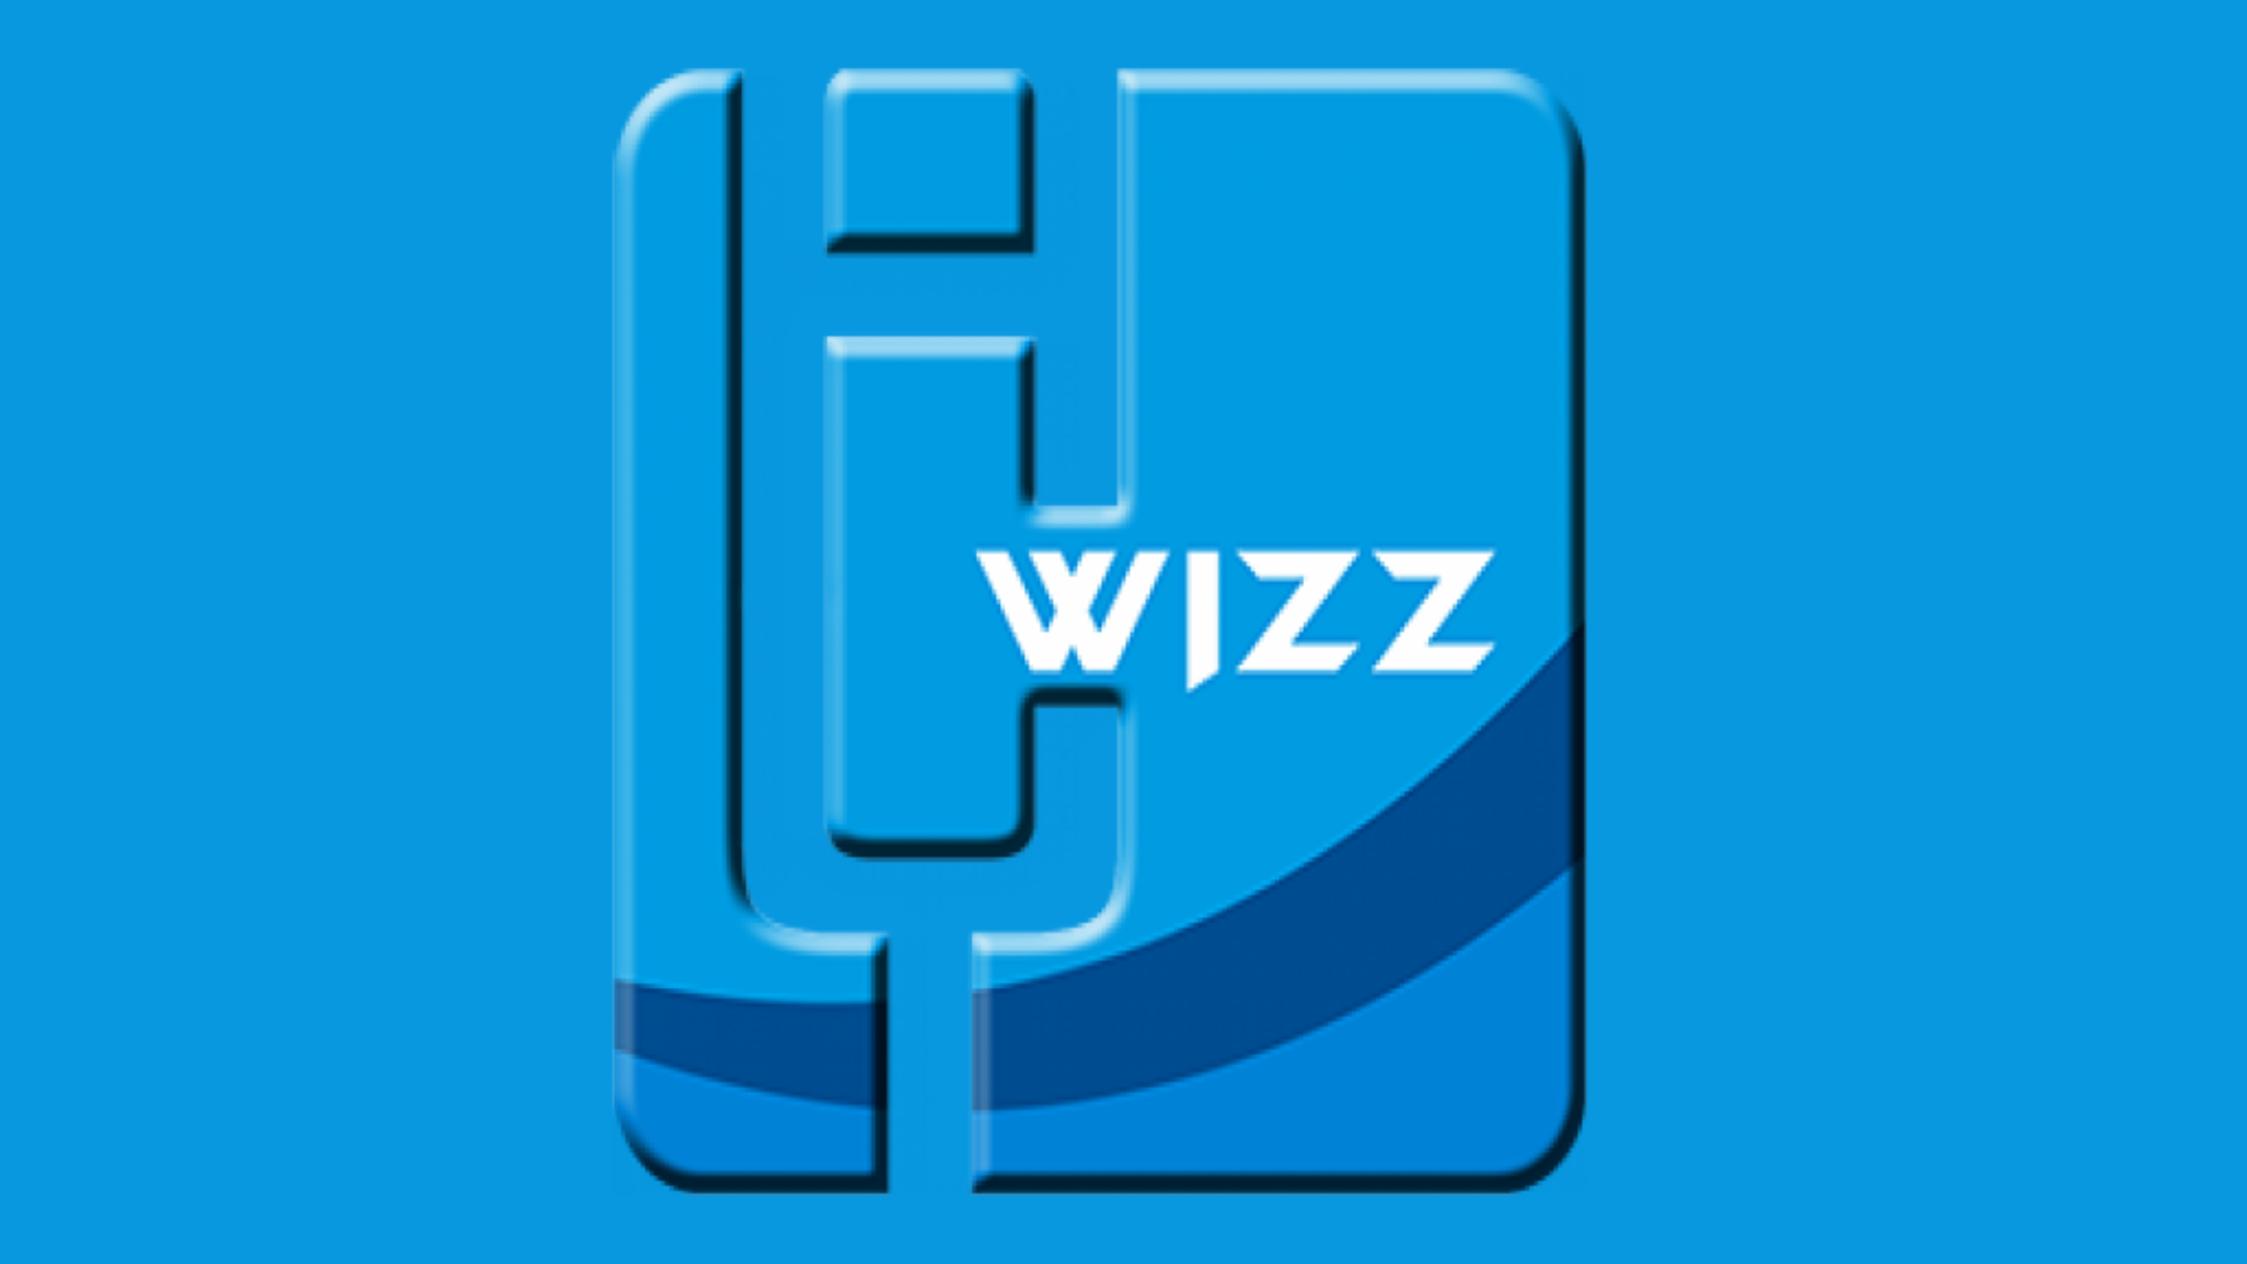 AYwizz Indonesia